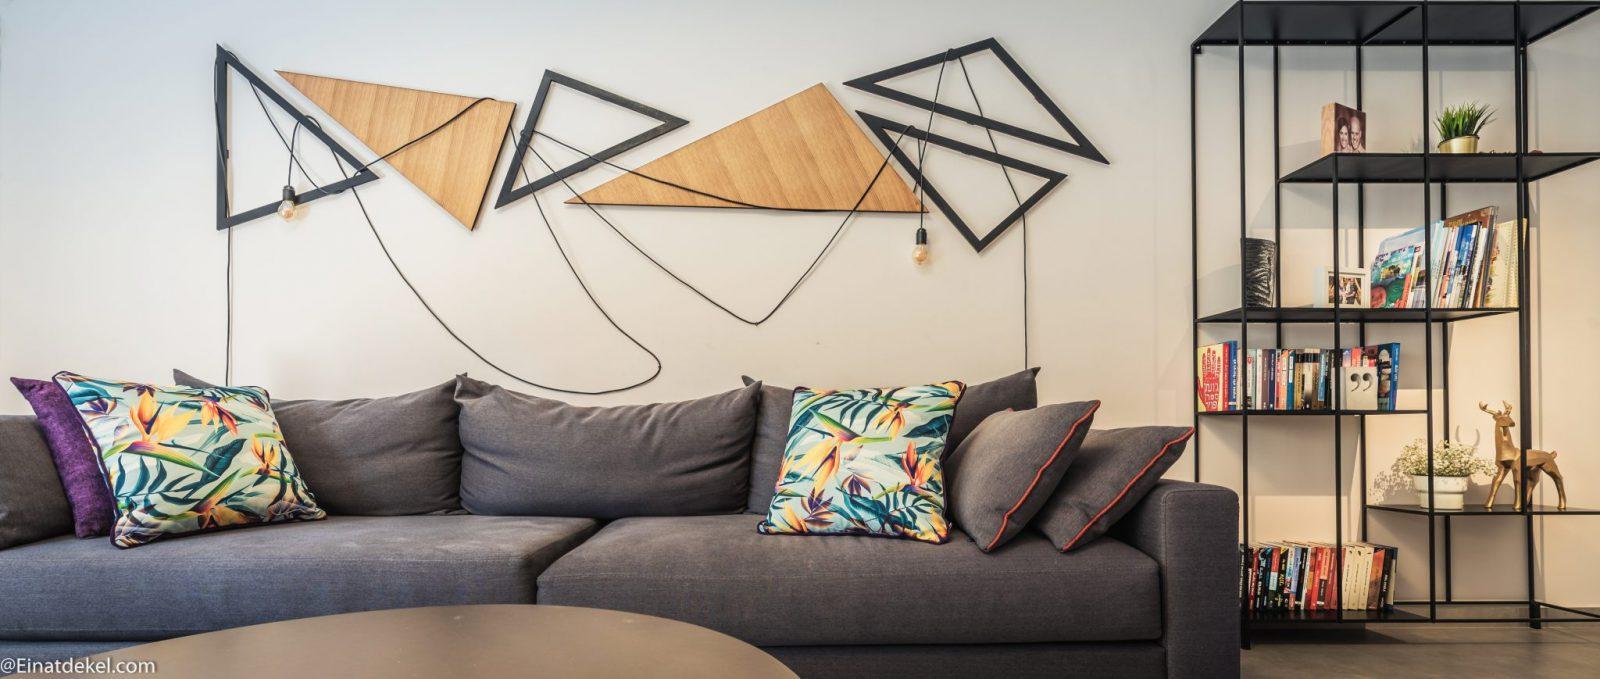 אלמנט תאורה משולב באומנות הסלון